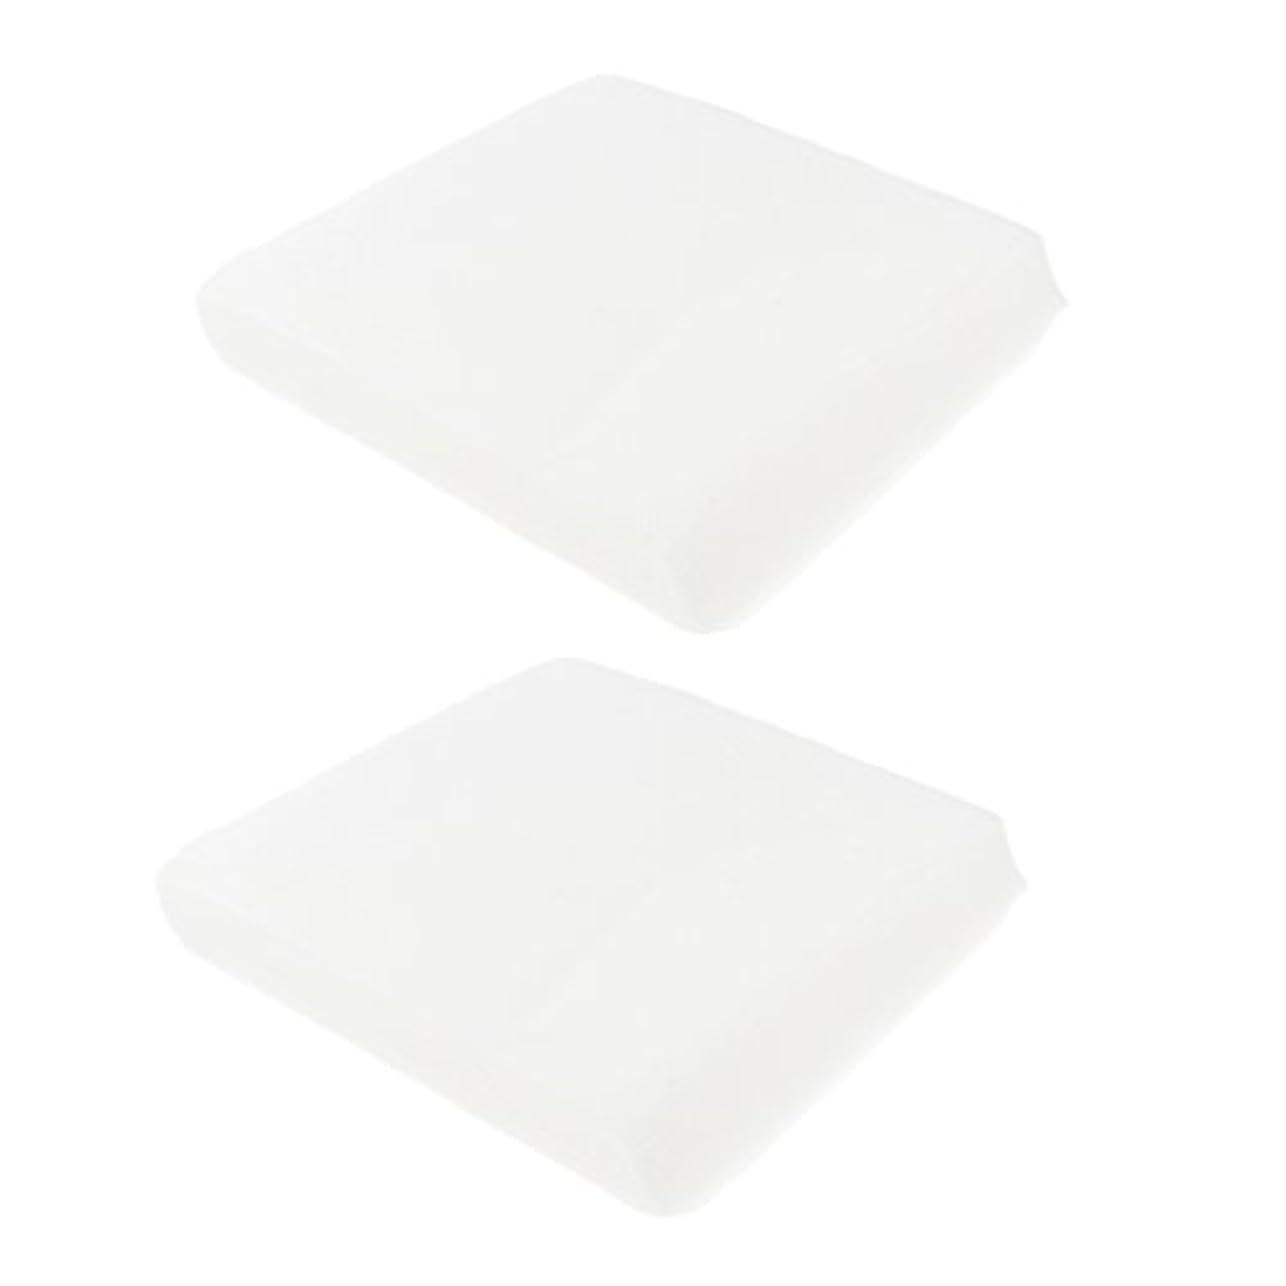 サーマル掻く無許可2パック 使い捨て ナプキン タオル ハンドタオル ローズ ゲストタオル ペーパー 2サイズ - 1#